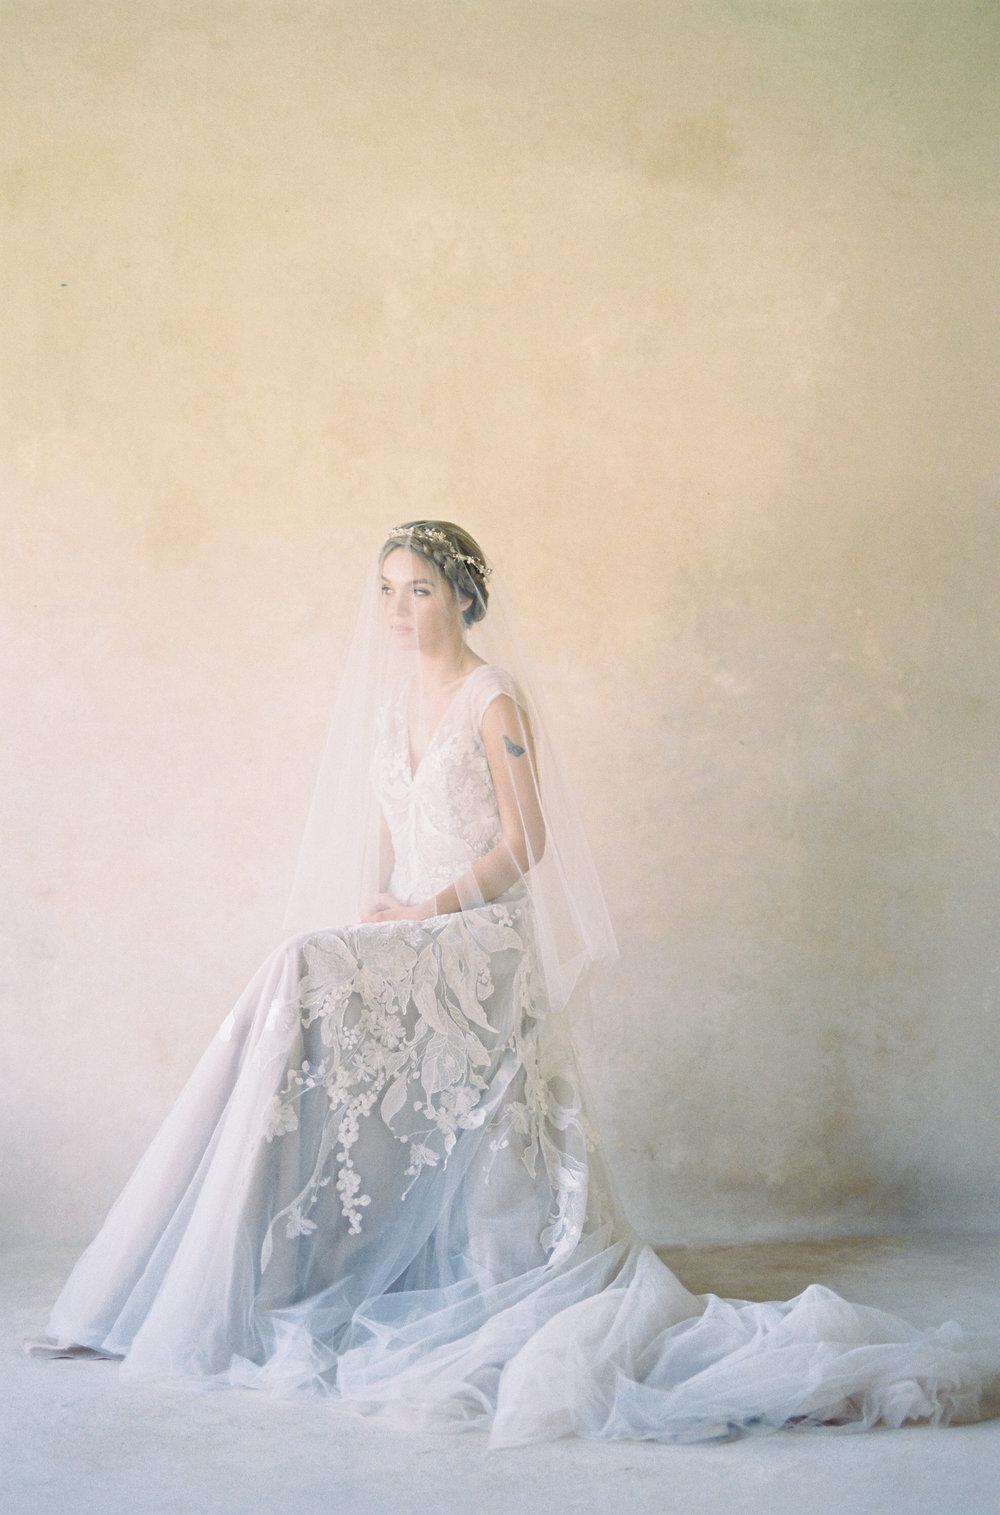 Bridal-Hollywood-33-Jen_Huang-032493-R1-035.jpg